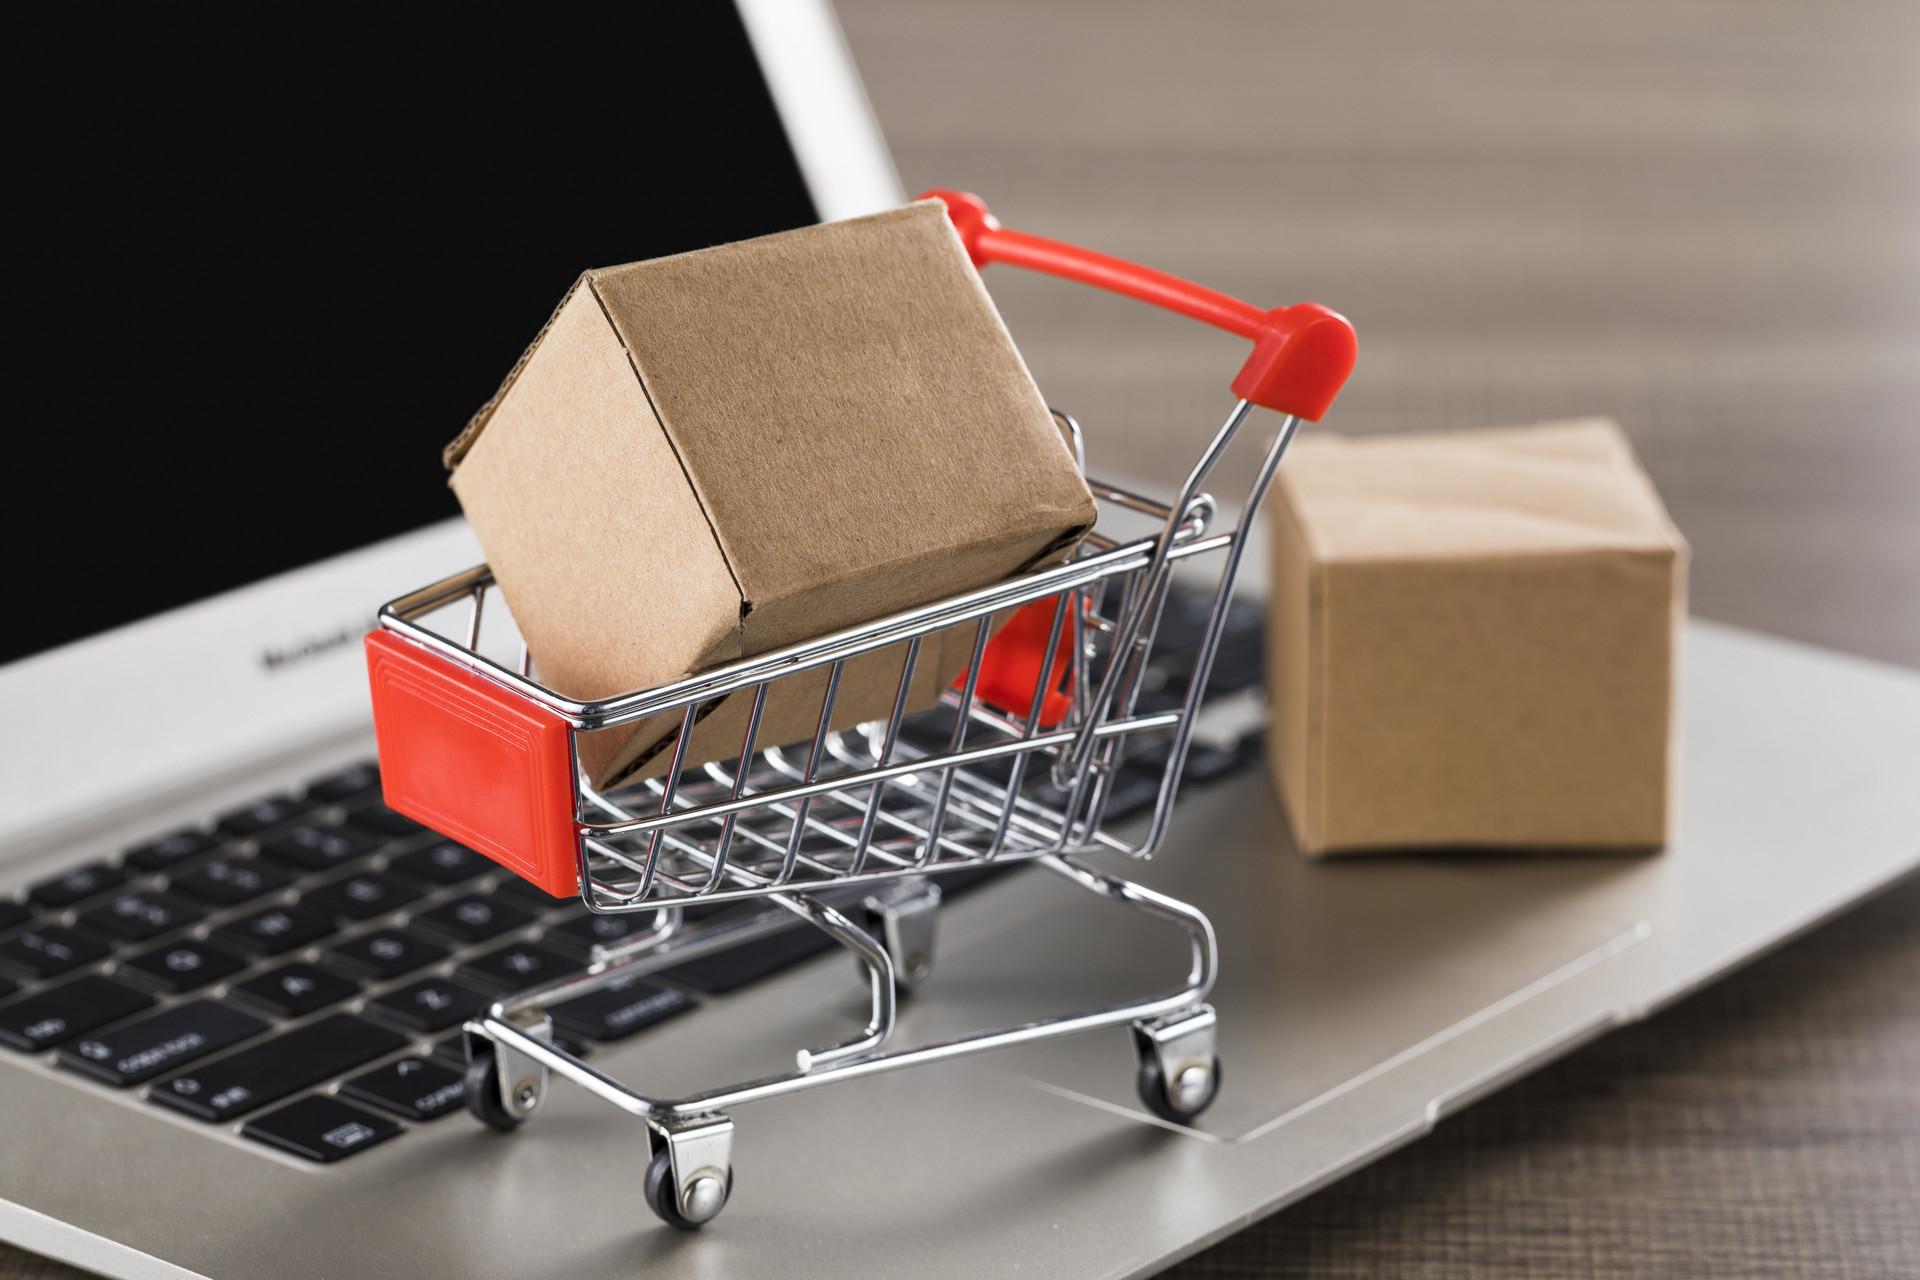 连锁百强销售规模首降 数字技术成逆势布局关键